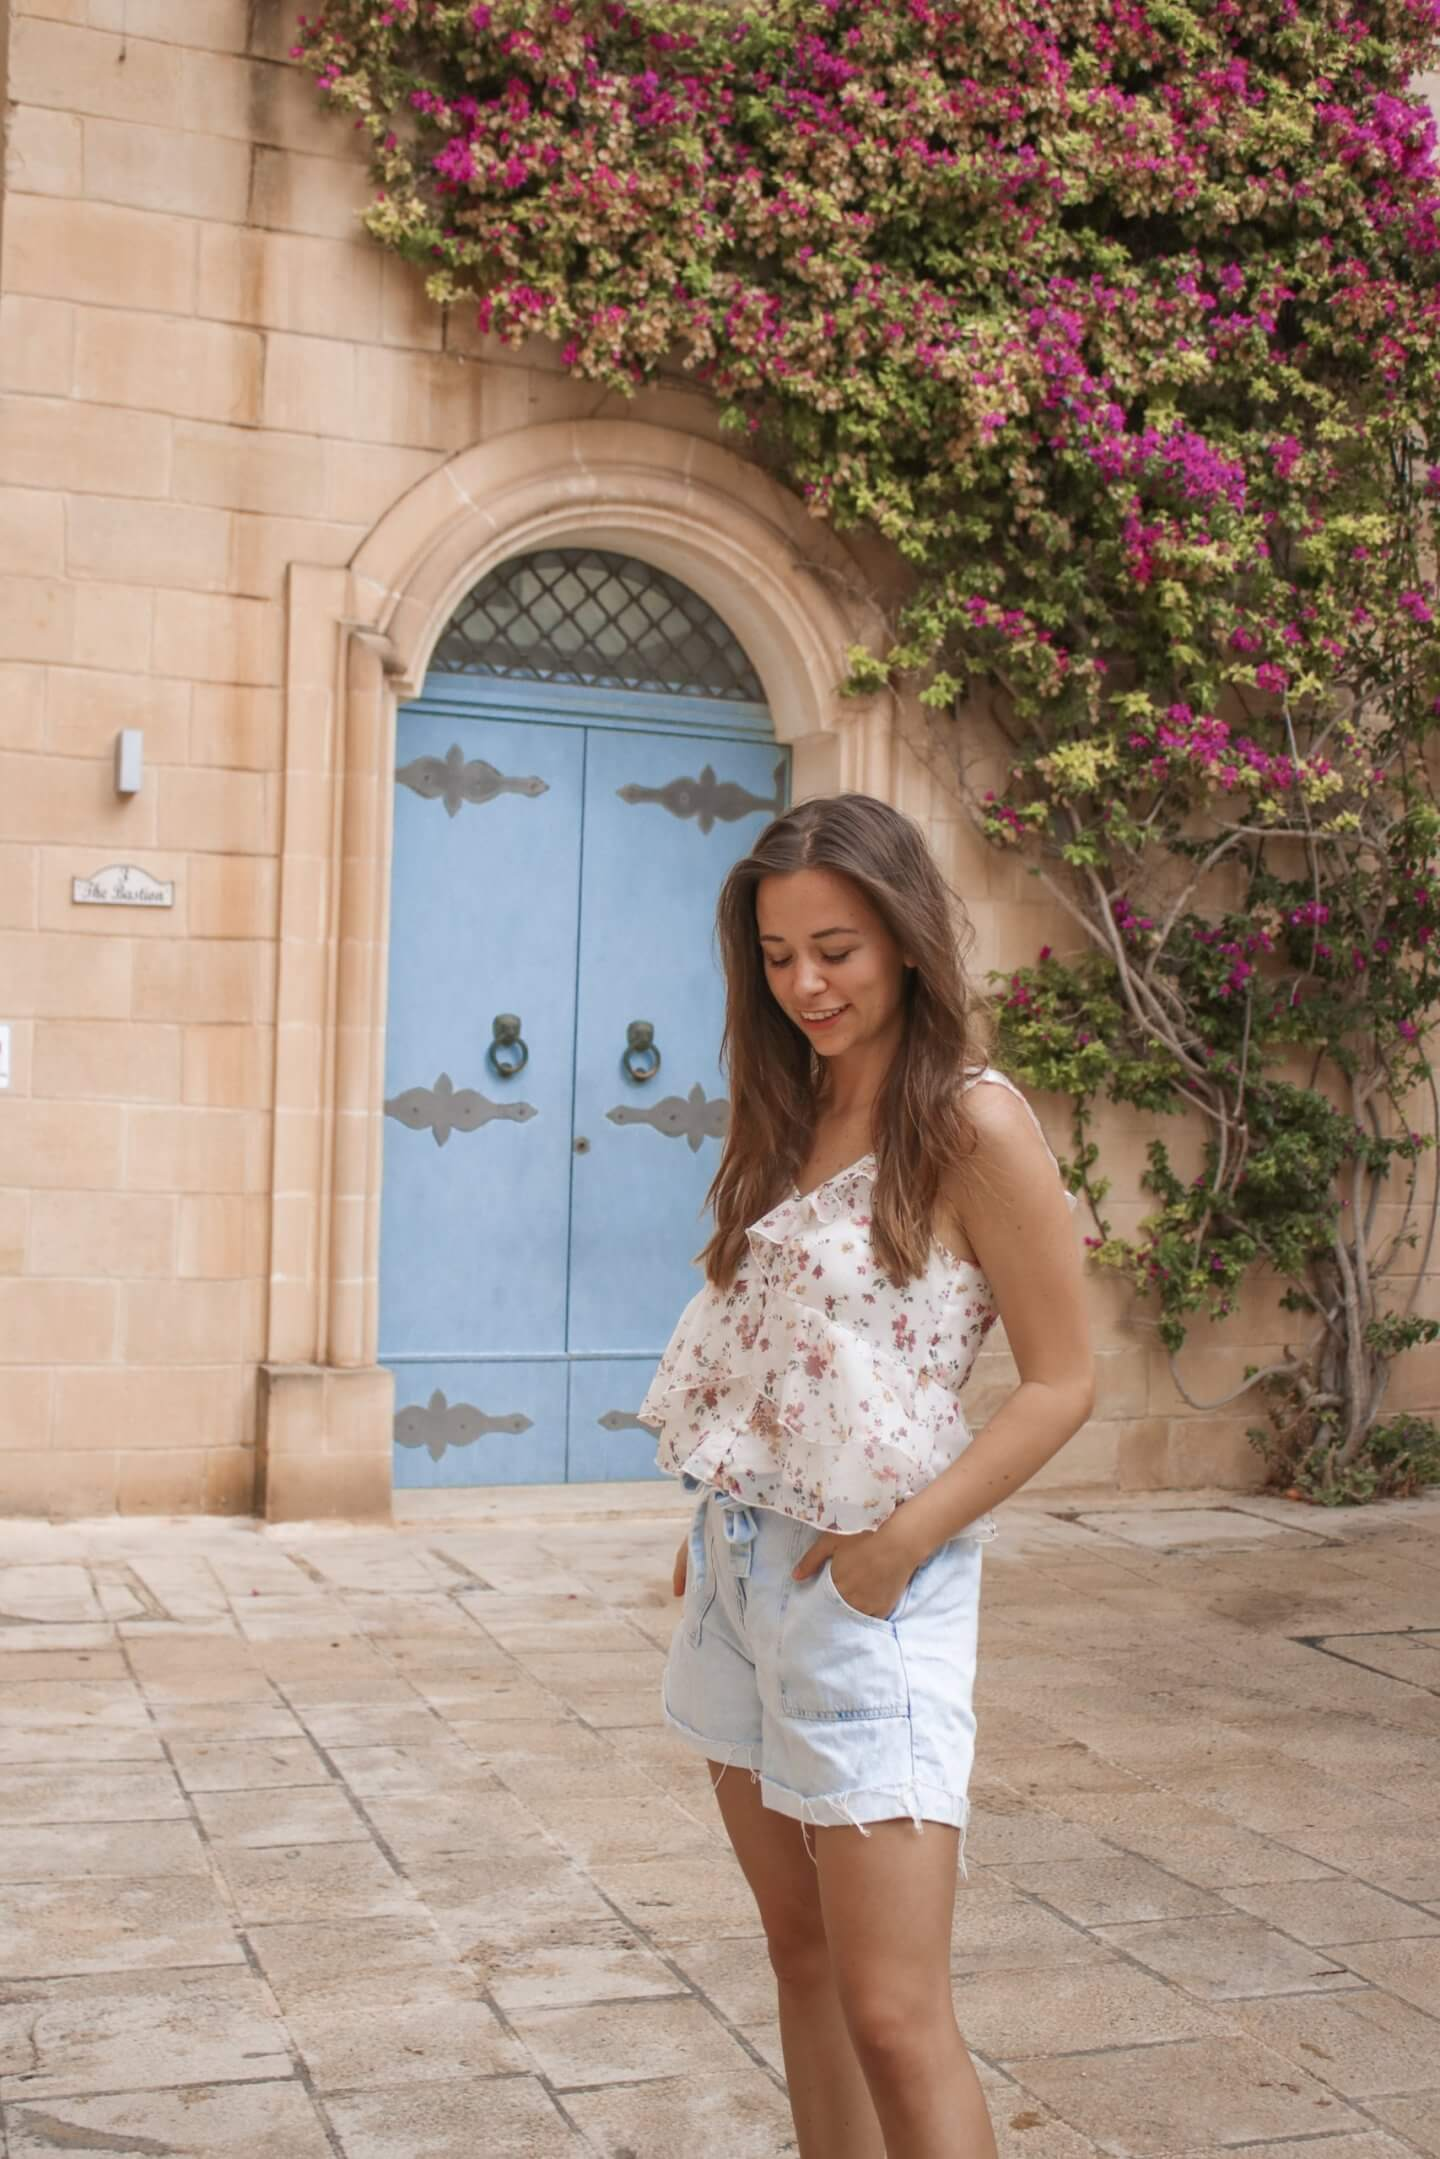 Blaue Tür Mdina - 10 Instagram Spots auf Malta  und die wundervollsten Highlights1